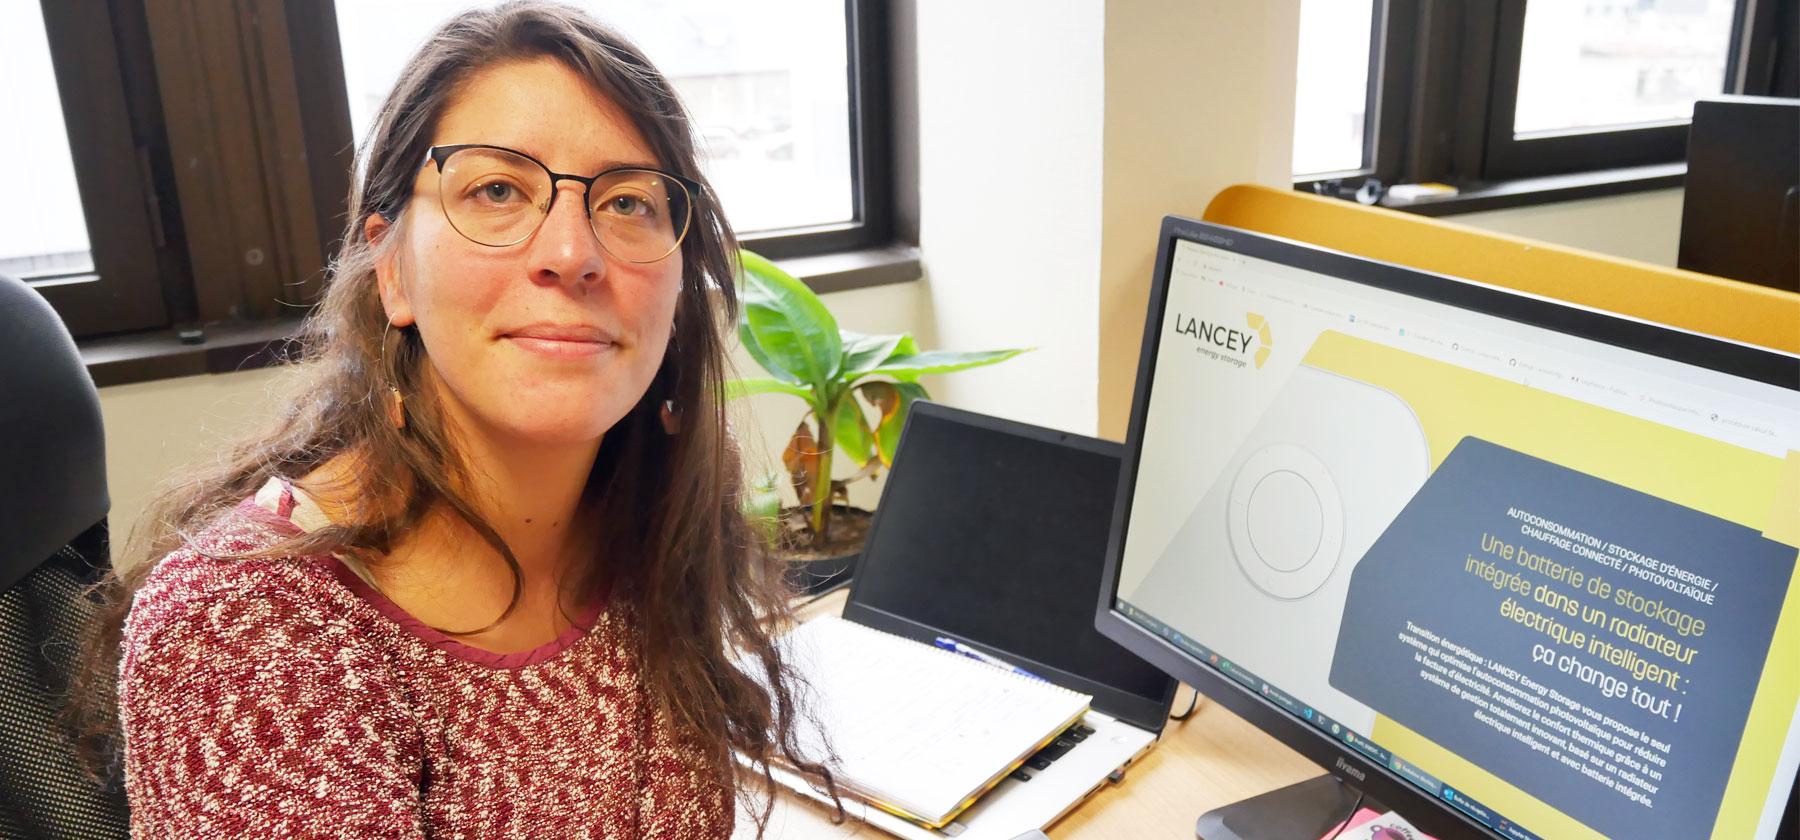 Léa GONDIAN est ingénieure thermicienne